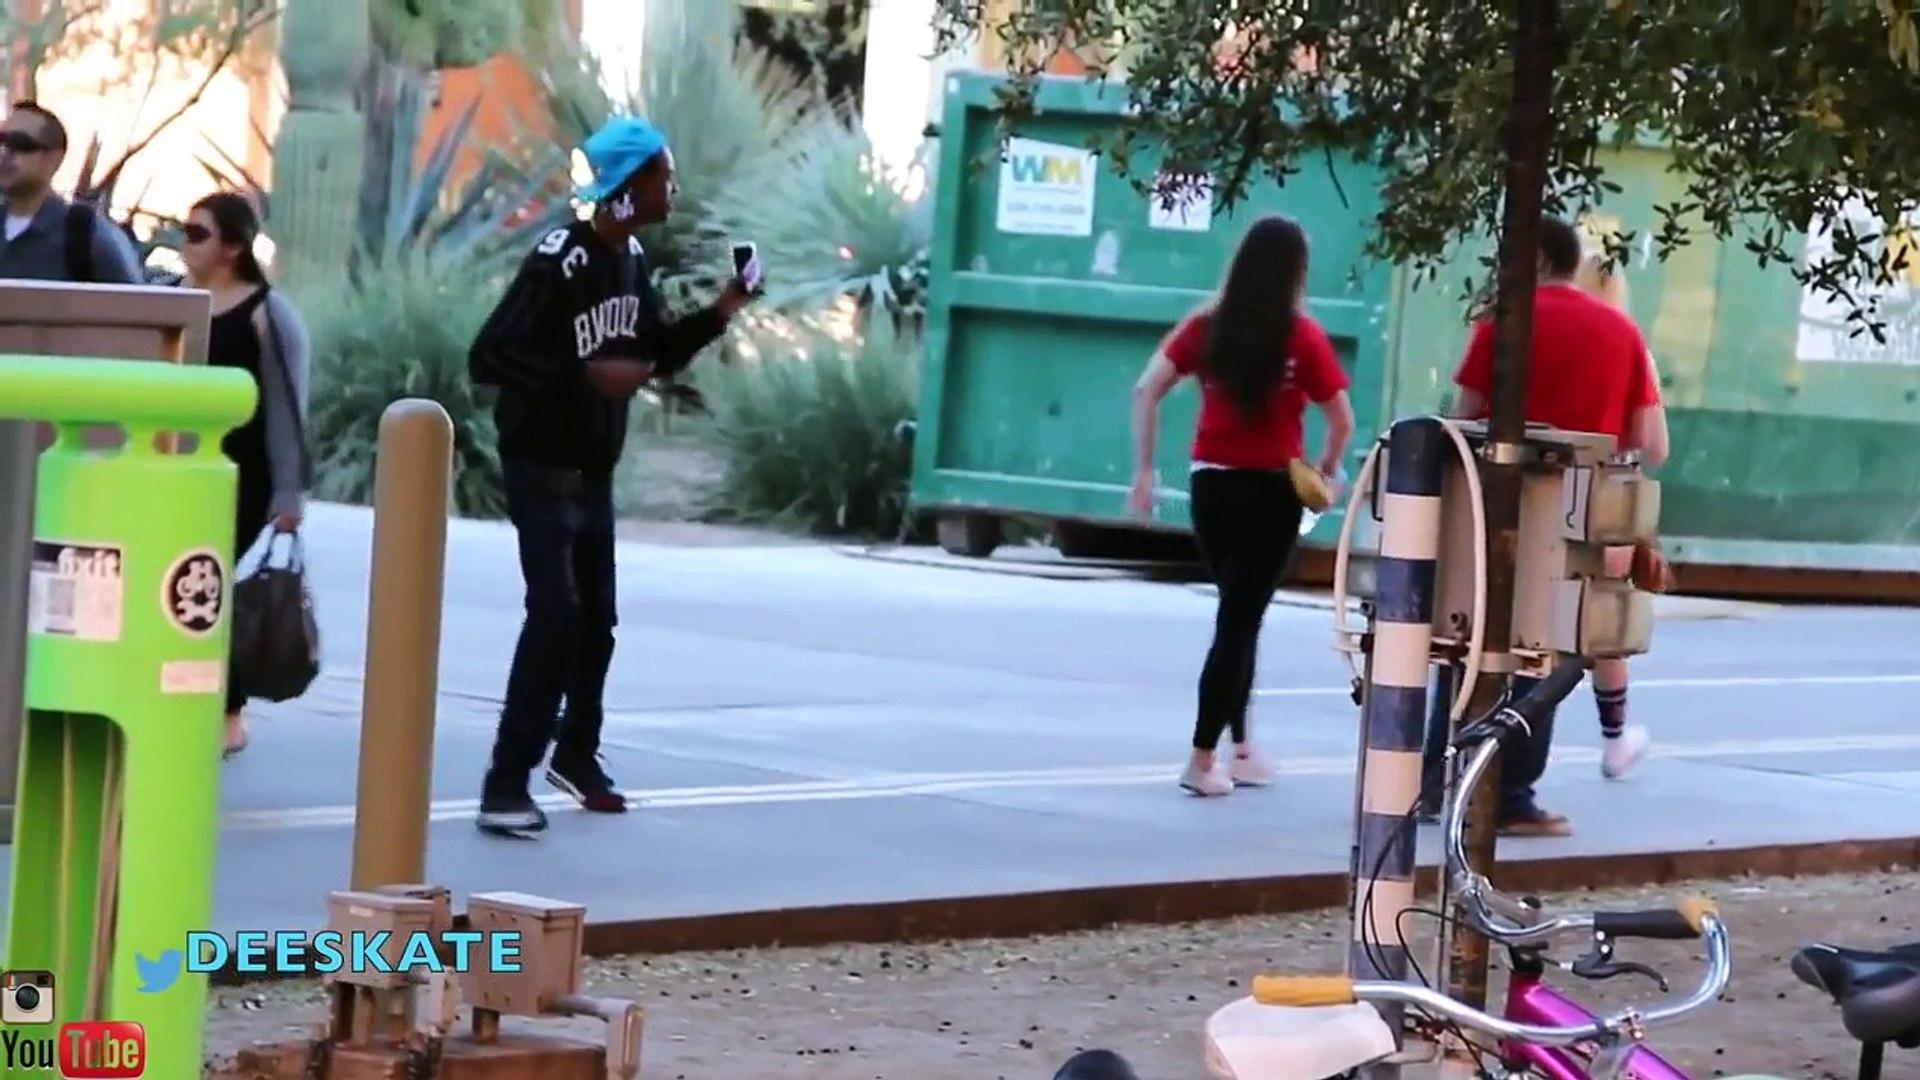 Pranks: KILLER BEE PRANK - Funny Videos - Funny Pranks - Public Pranks